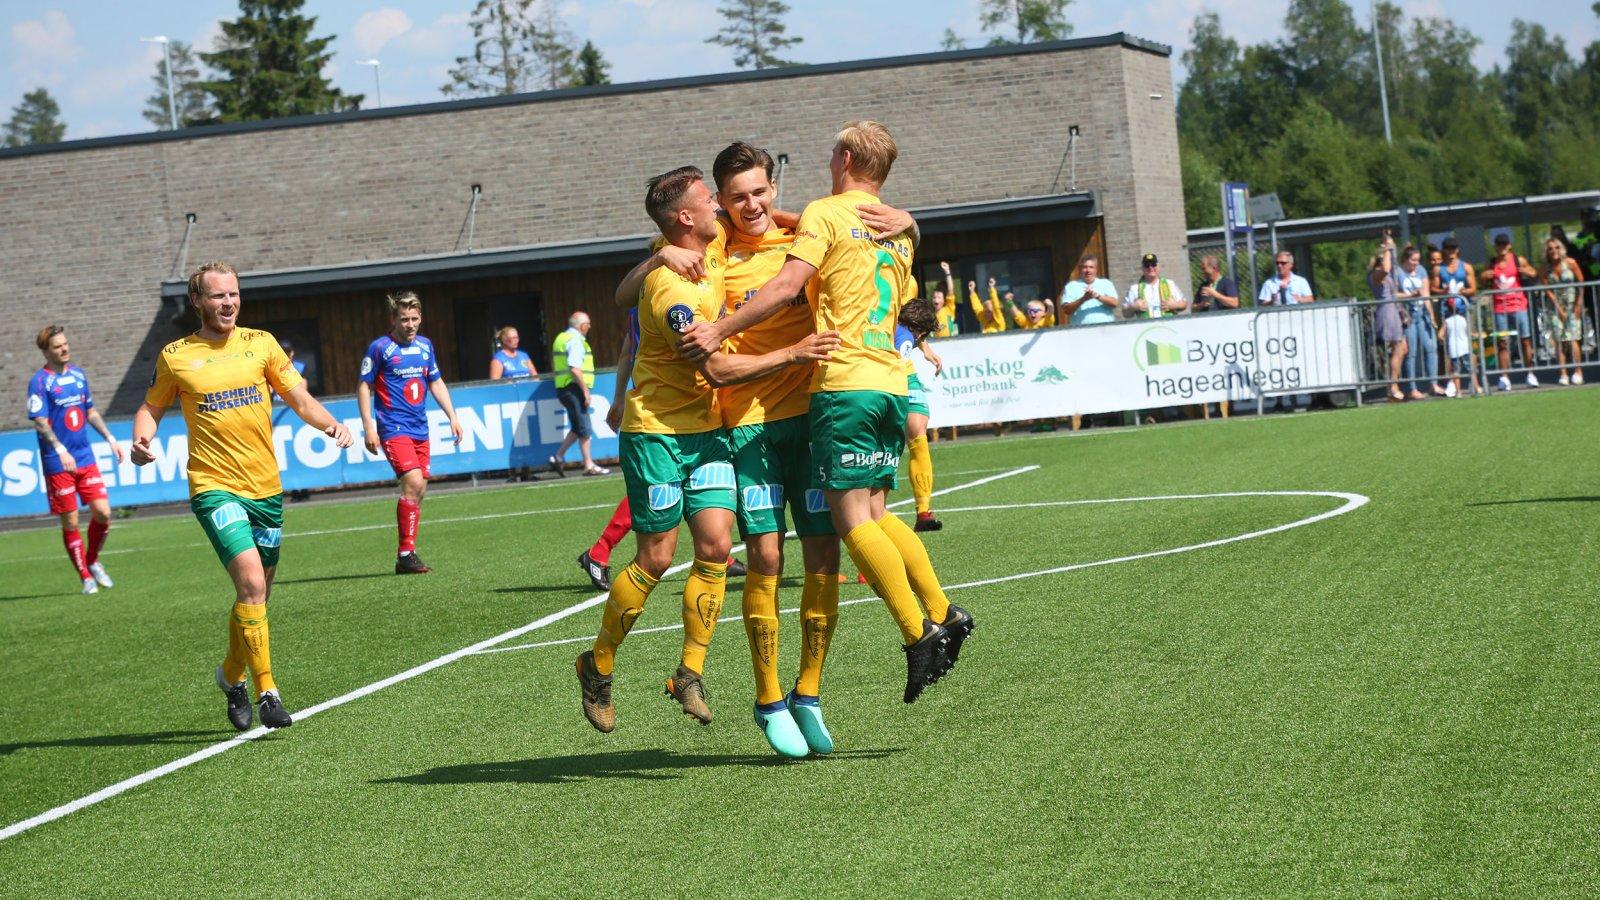 Sverre Martin Torp, Kristoffer Normann Hansen og Nikolas Walstad feirer sammen med William Kurtovic (midten). FOTO: Bjørn Hytjanstorp